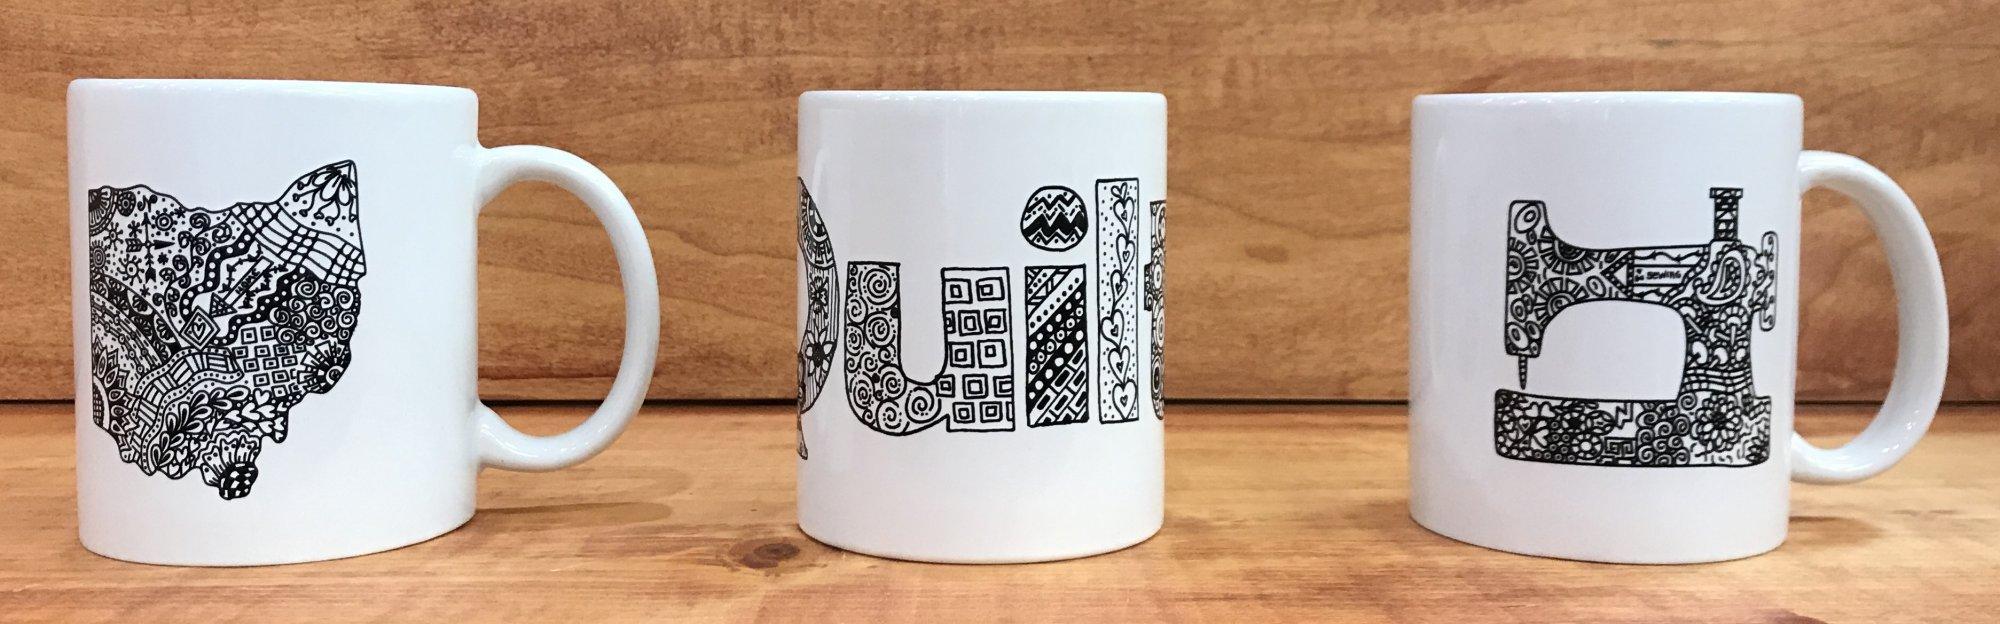 Zentangle Inspired Mugs